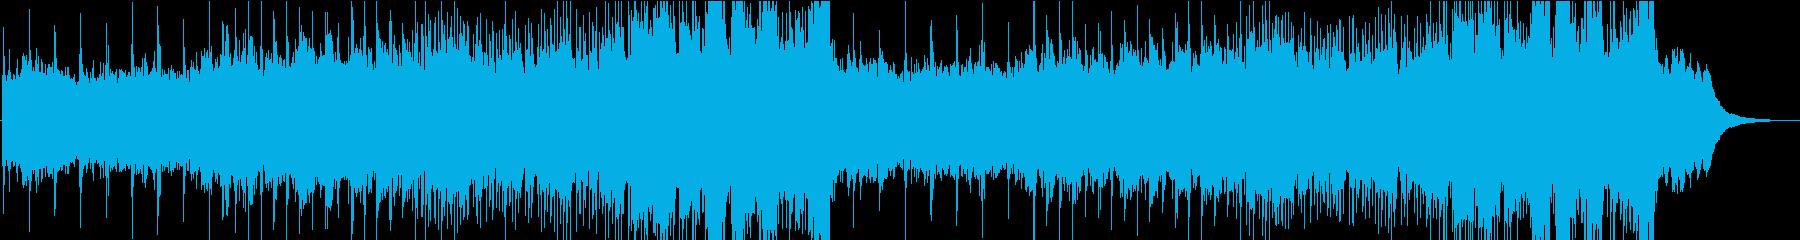 カノン オルゴールオーケストラの再生済みの波形